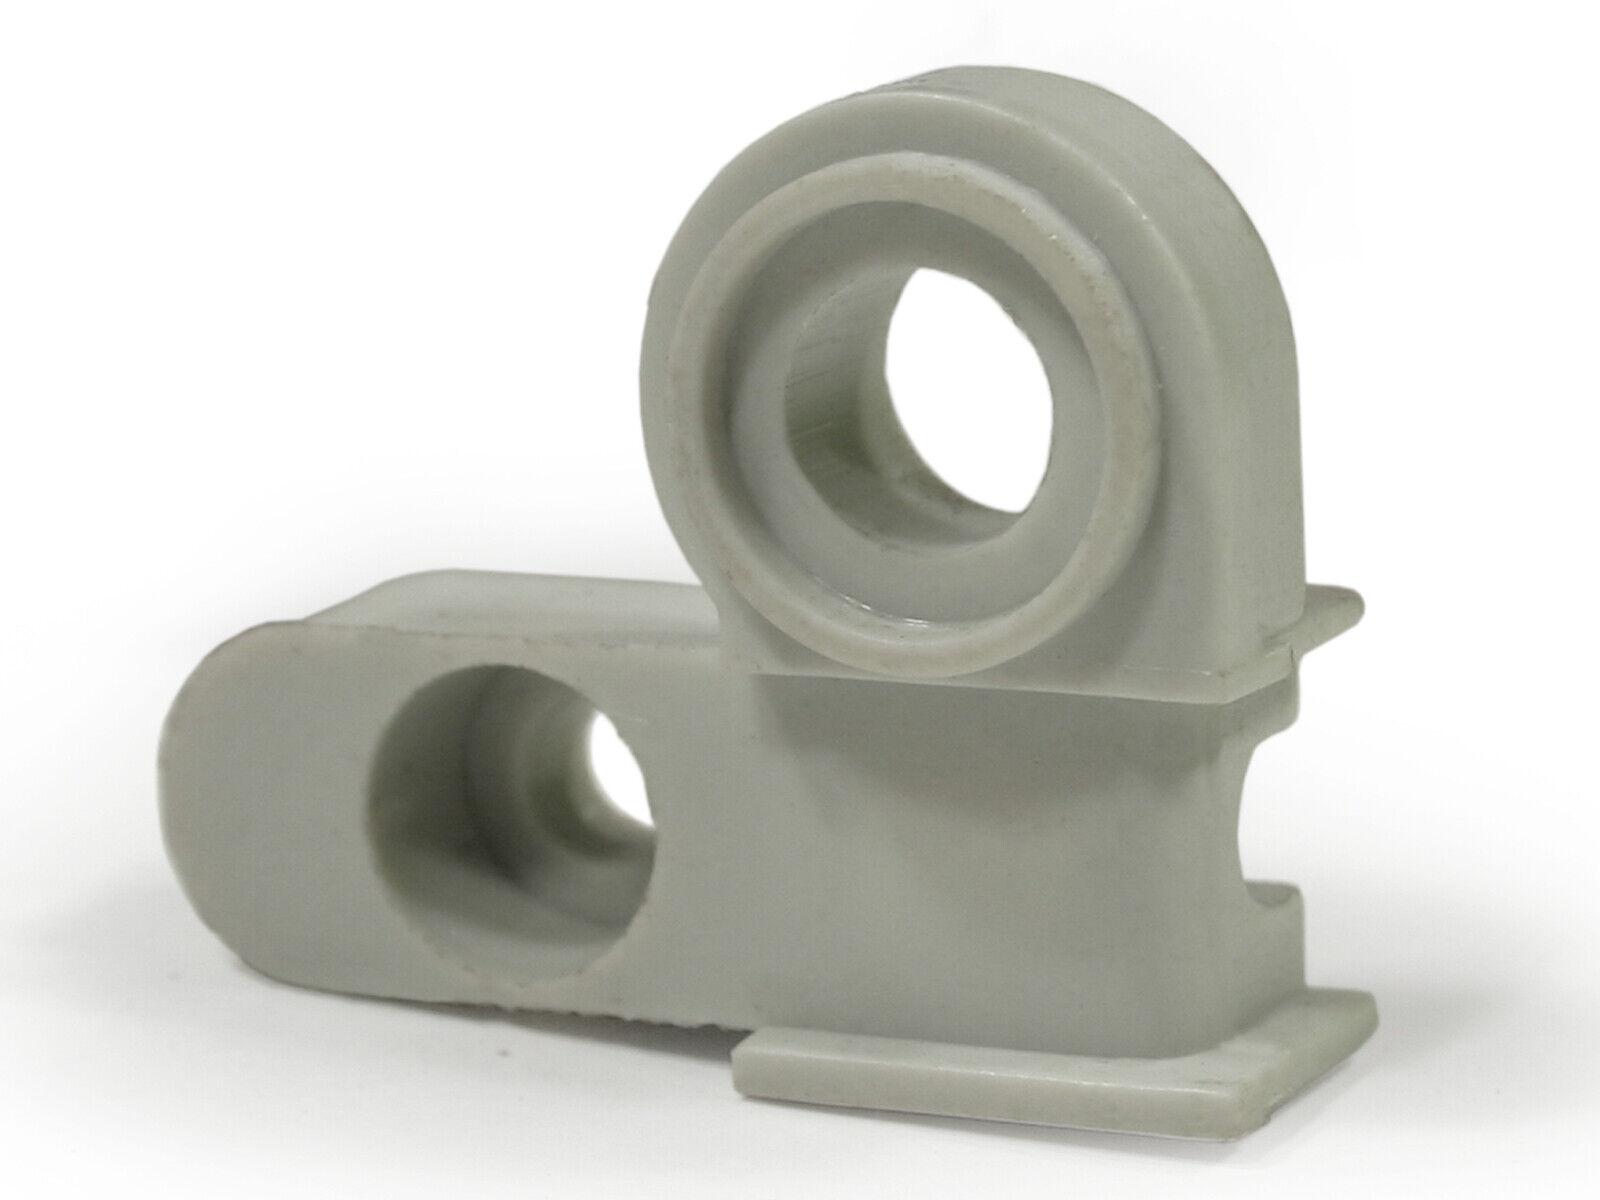 12mm Stopfen für Vibrationsdämpfer passend für Stihl 018 MS 180 MS180 Plug